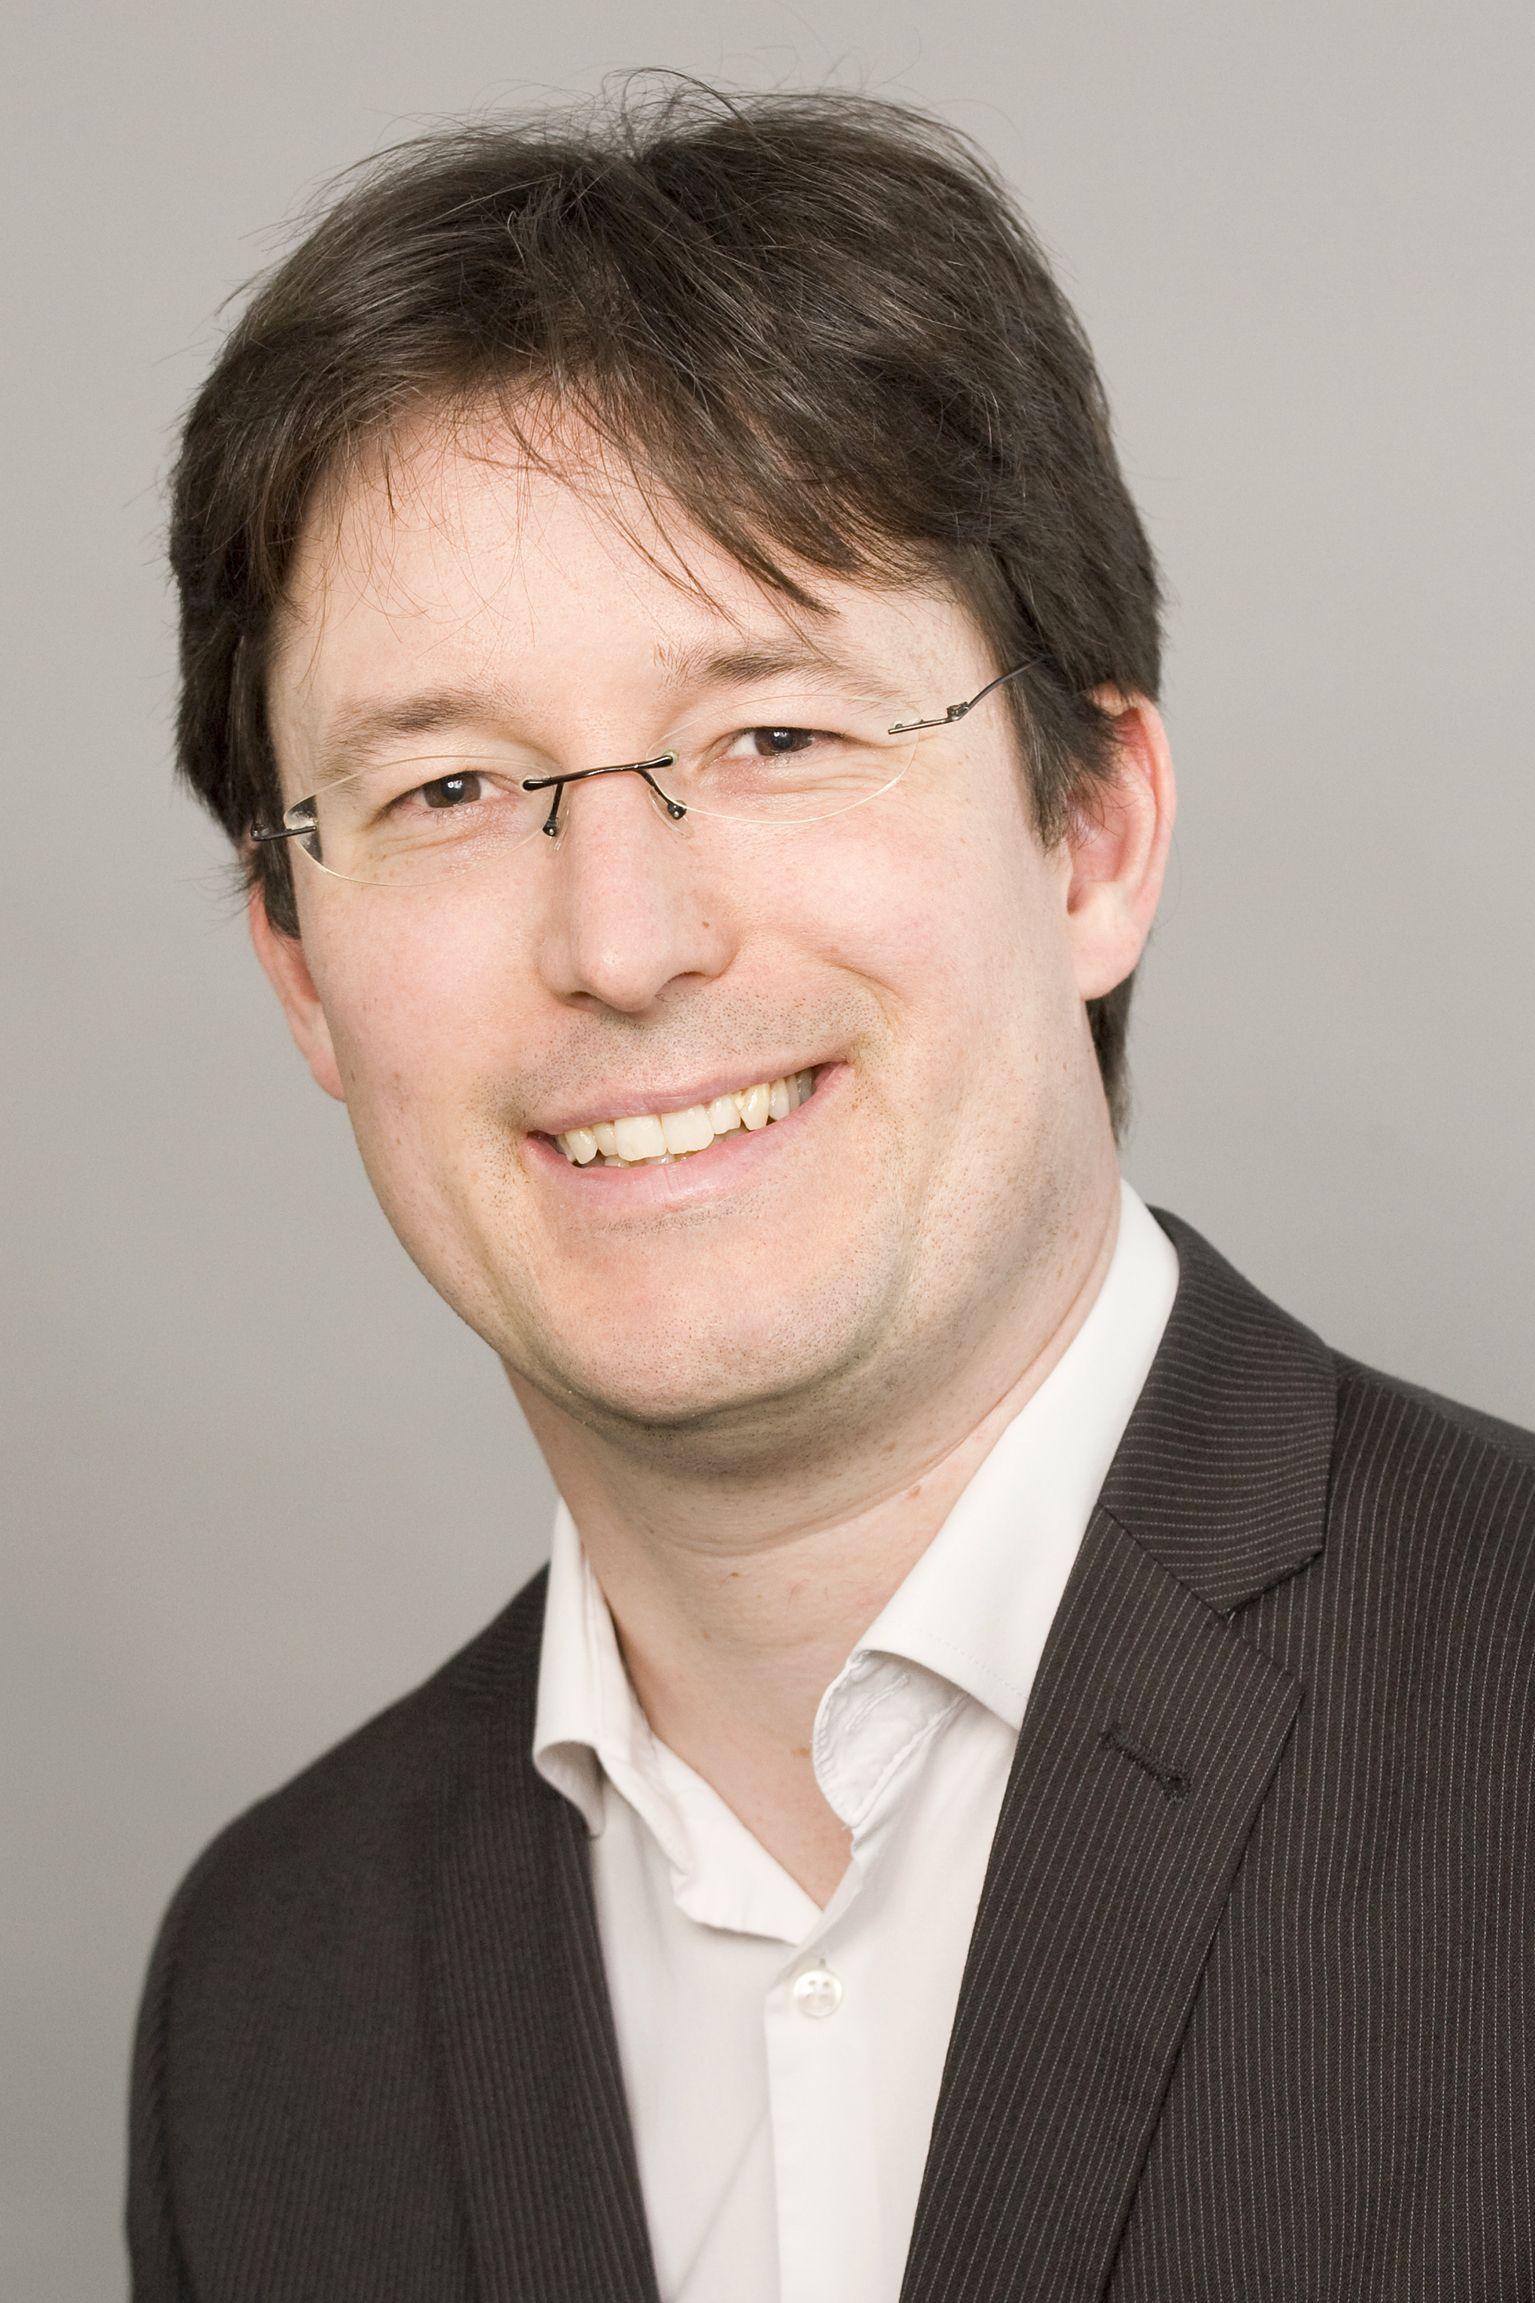 Felix Wemheuer